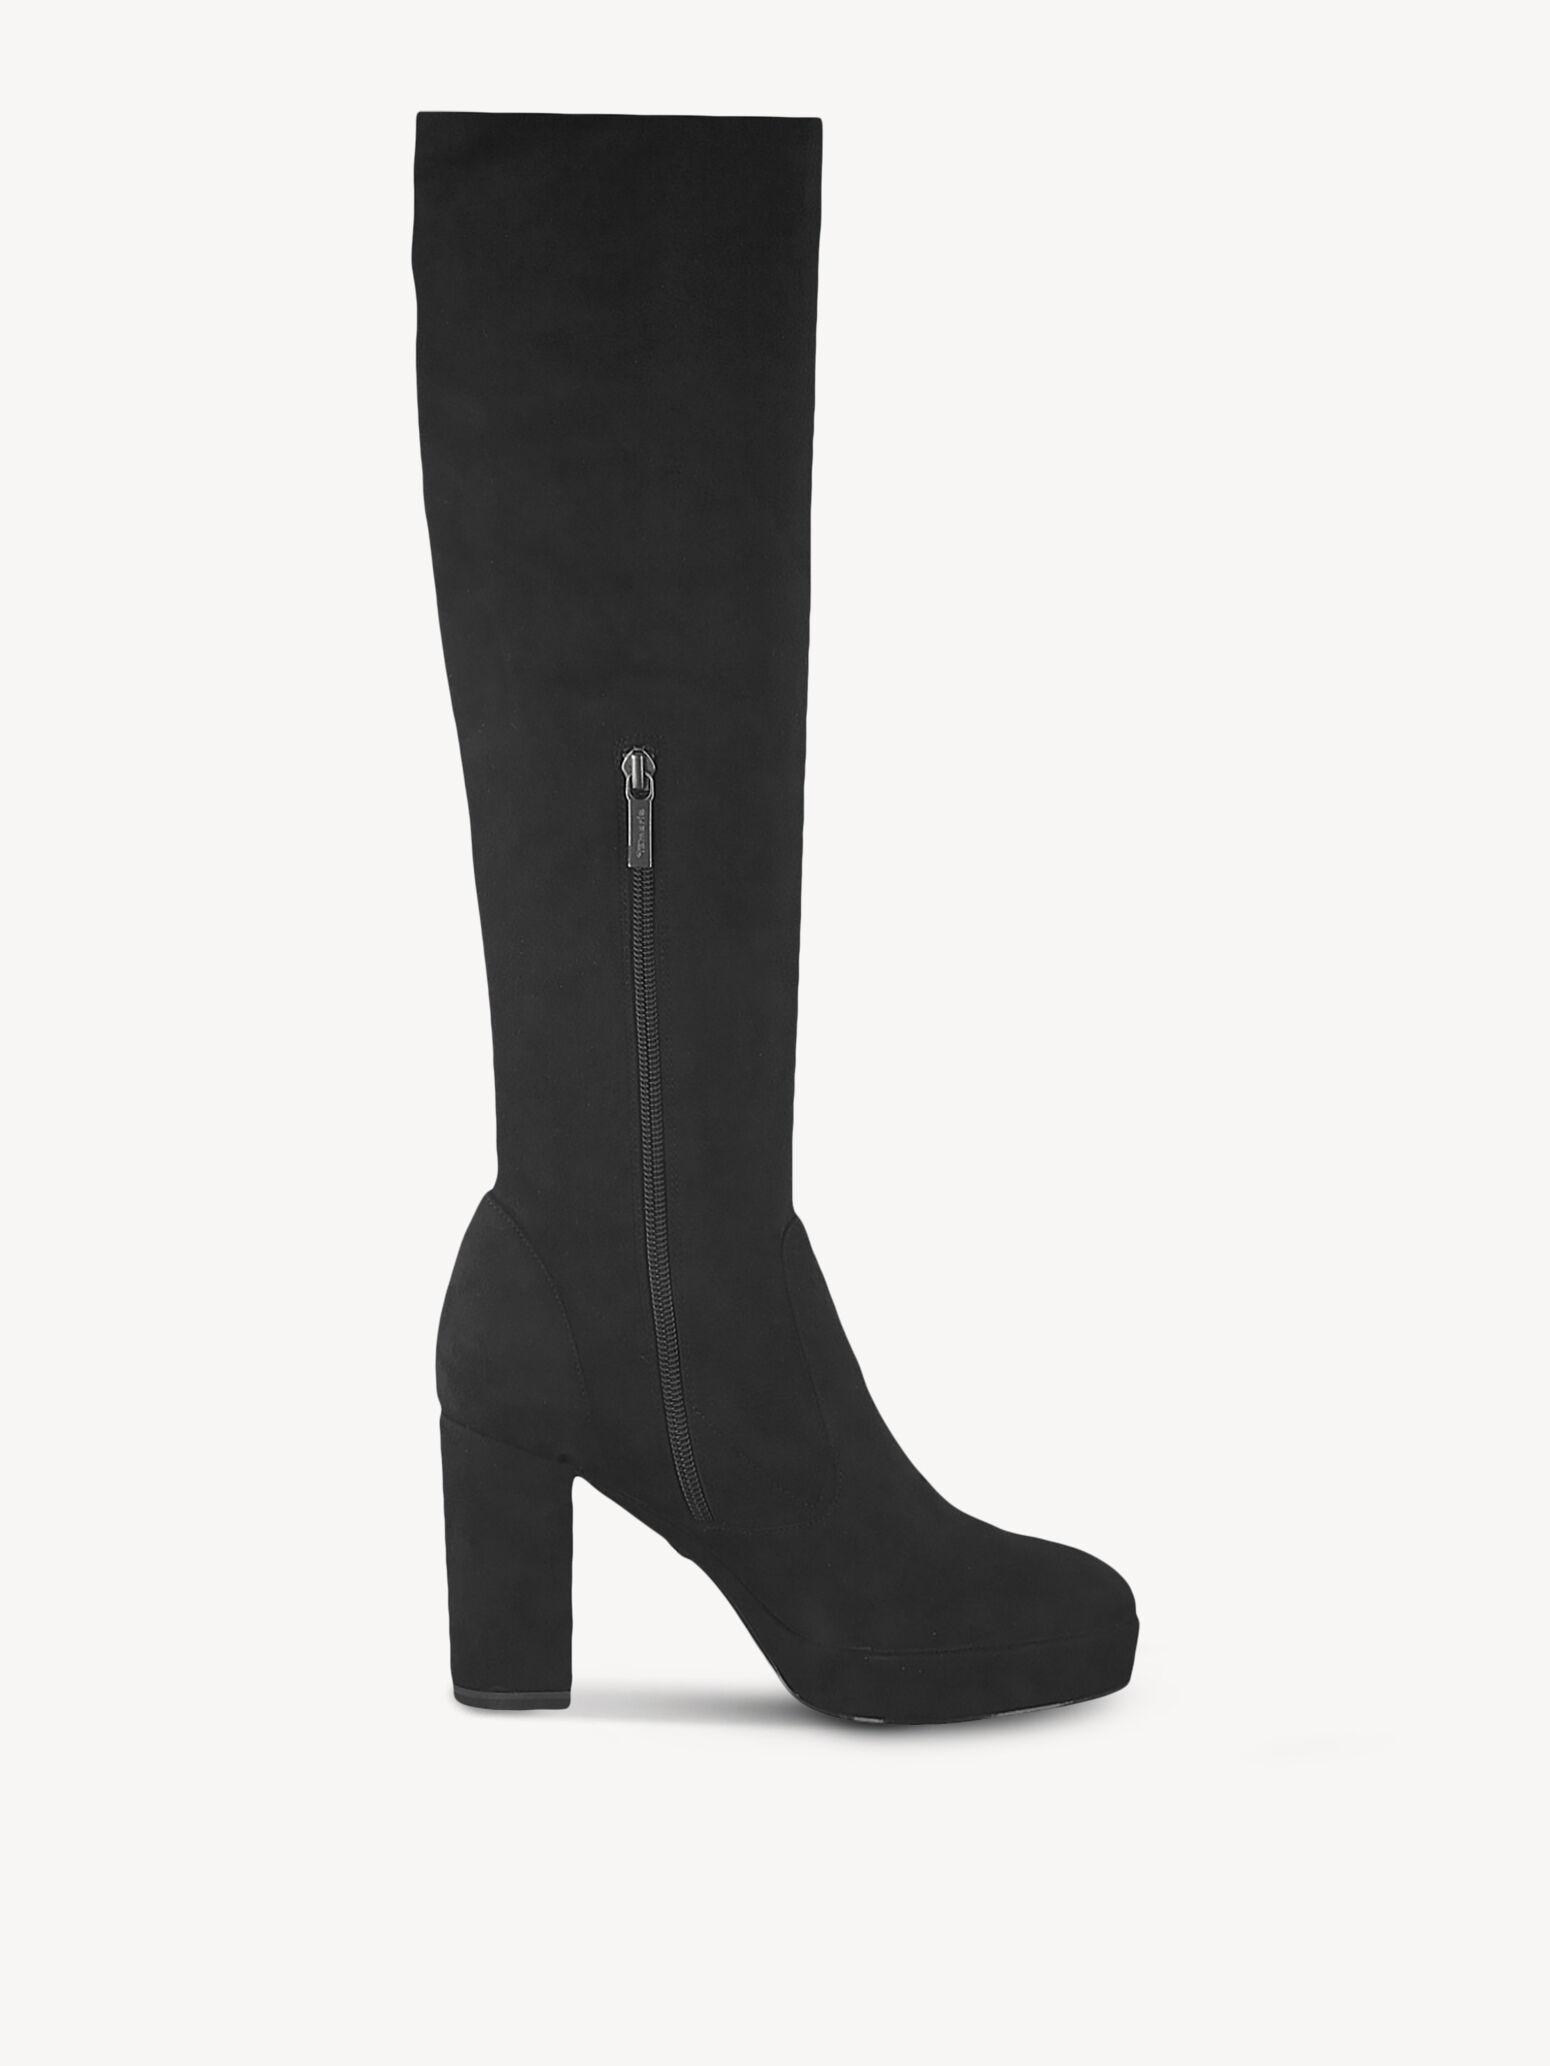 Over Knee Boots TAMARIS 1 25576 33 Black 001